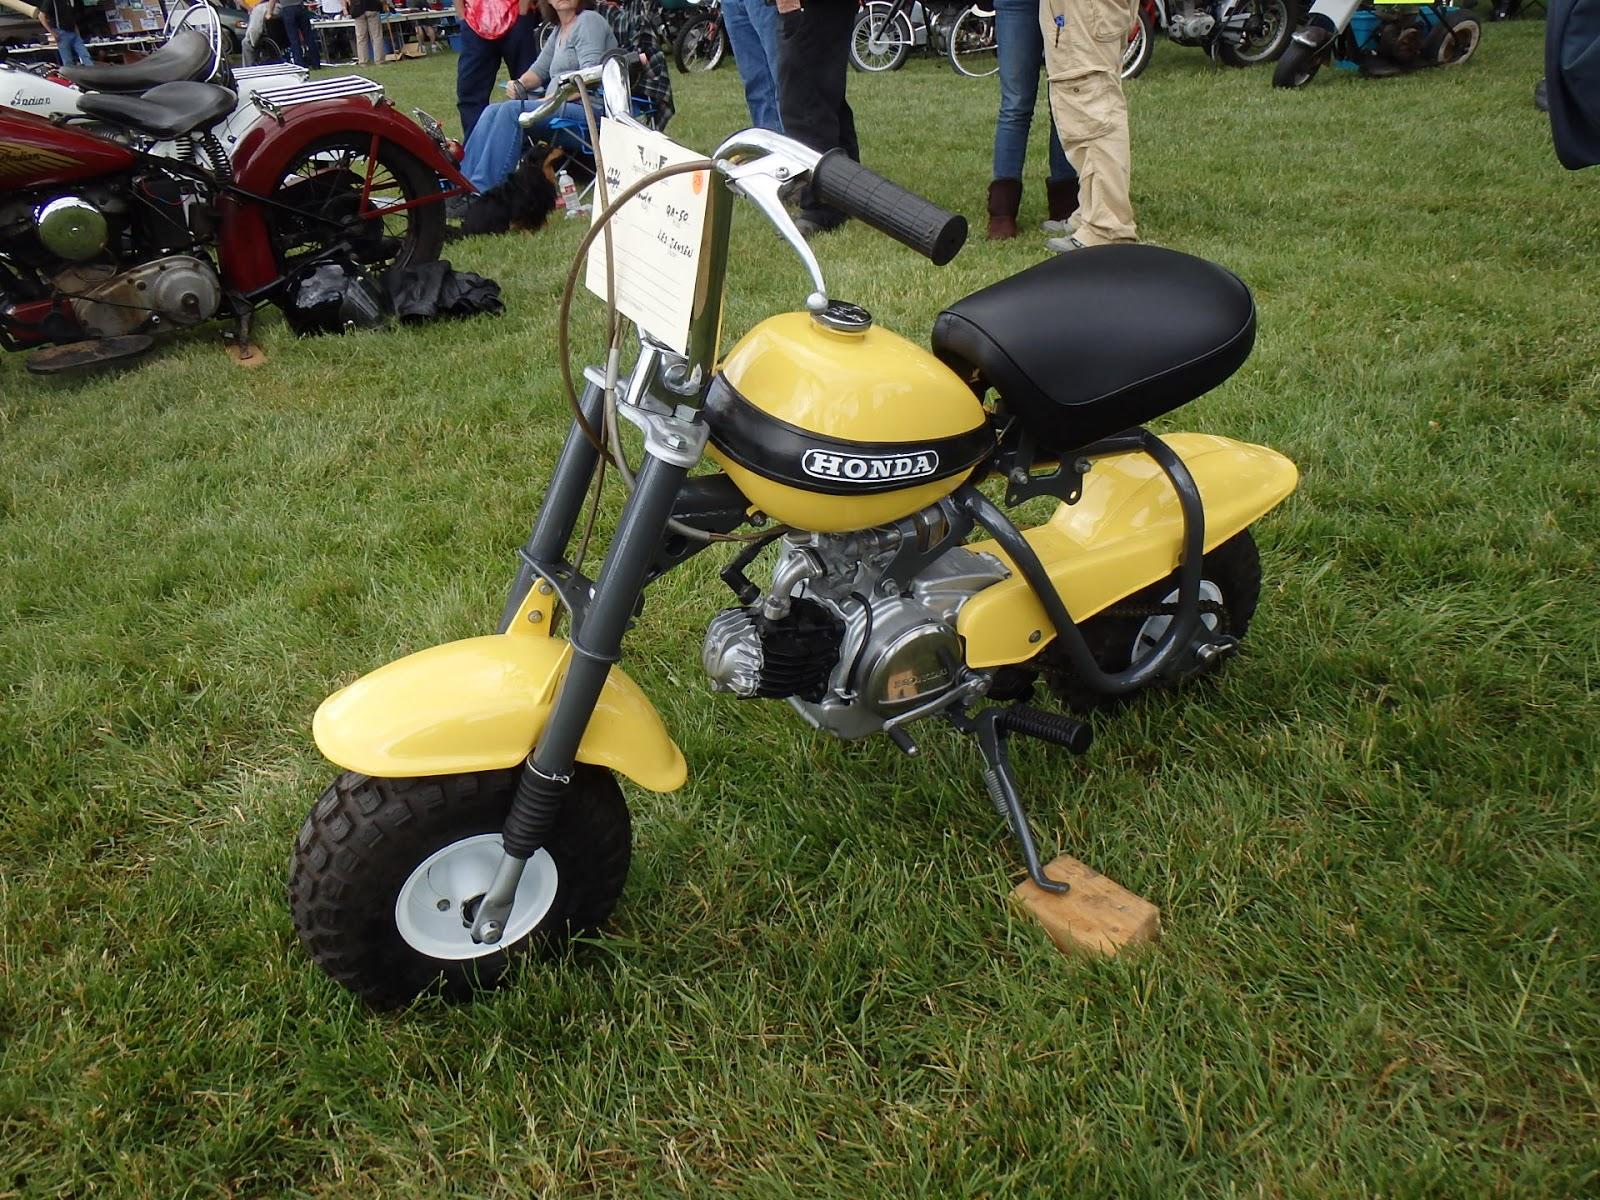 Honda Ct70 For Sale Craigslist1981 Mini Trail Bike 1970 70 Rare Bikes